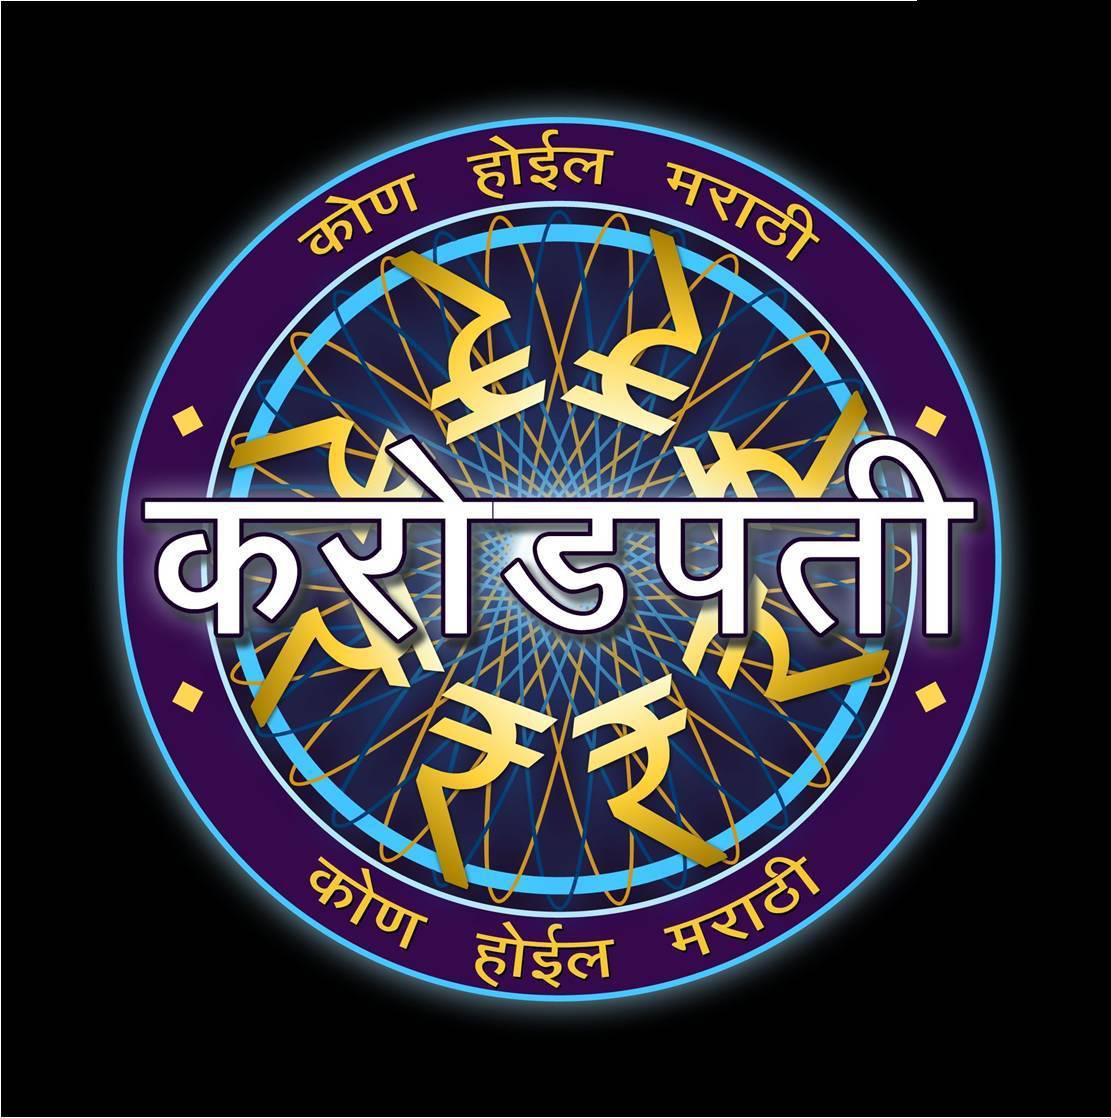 Kon Hoeel Marathi Crorepati